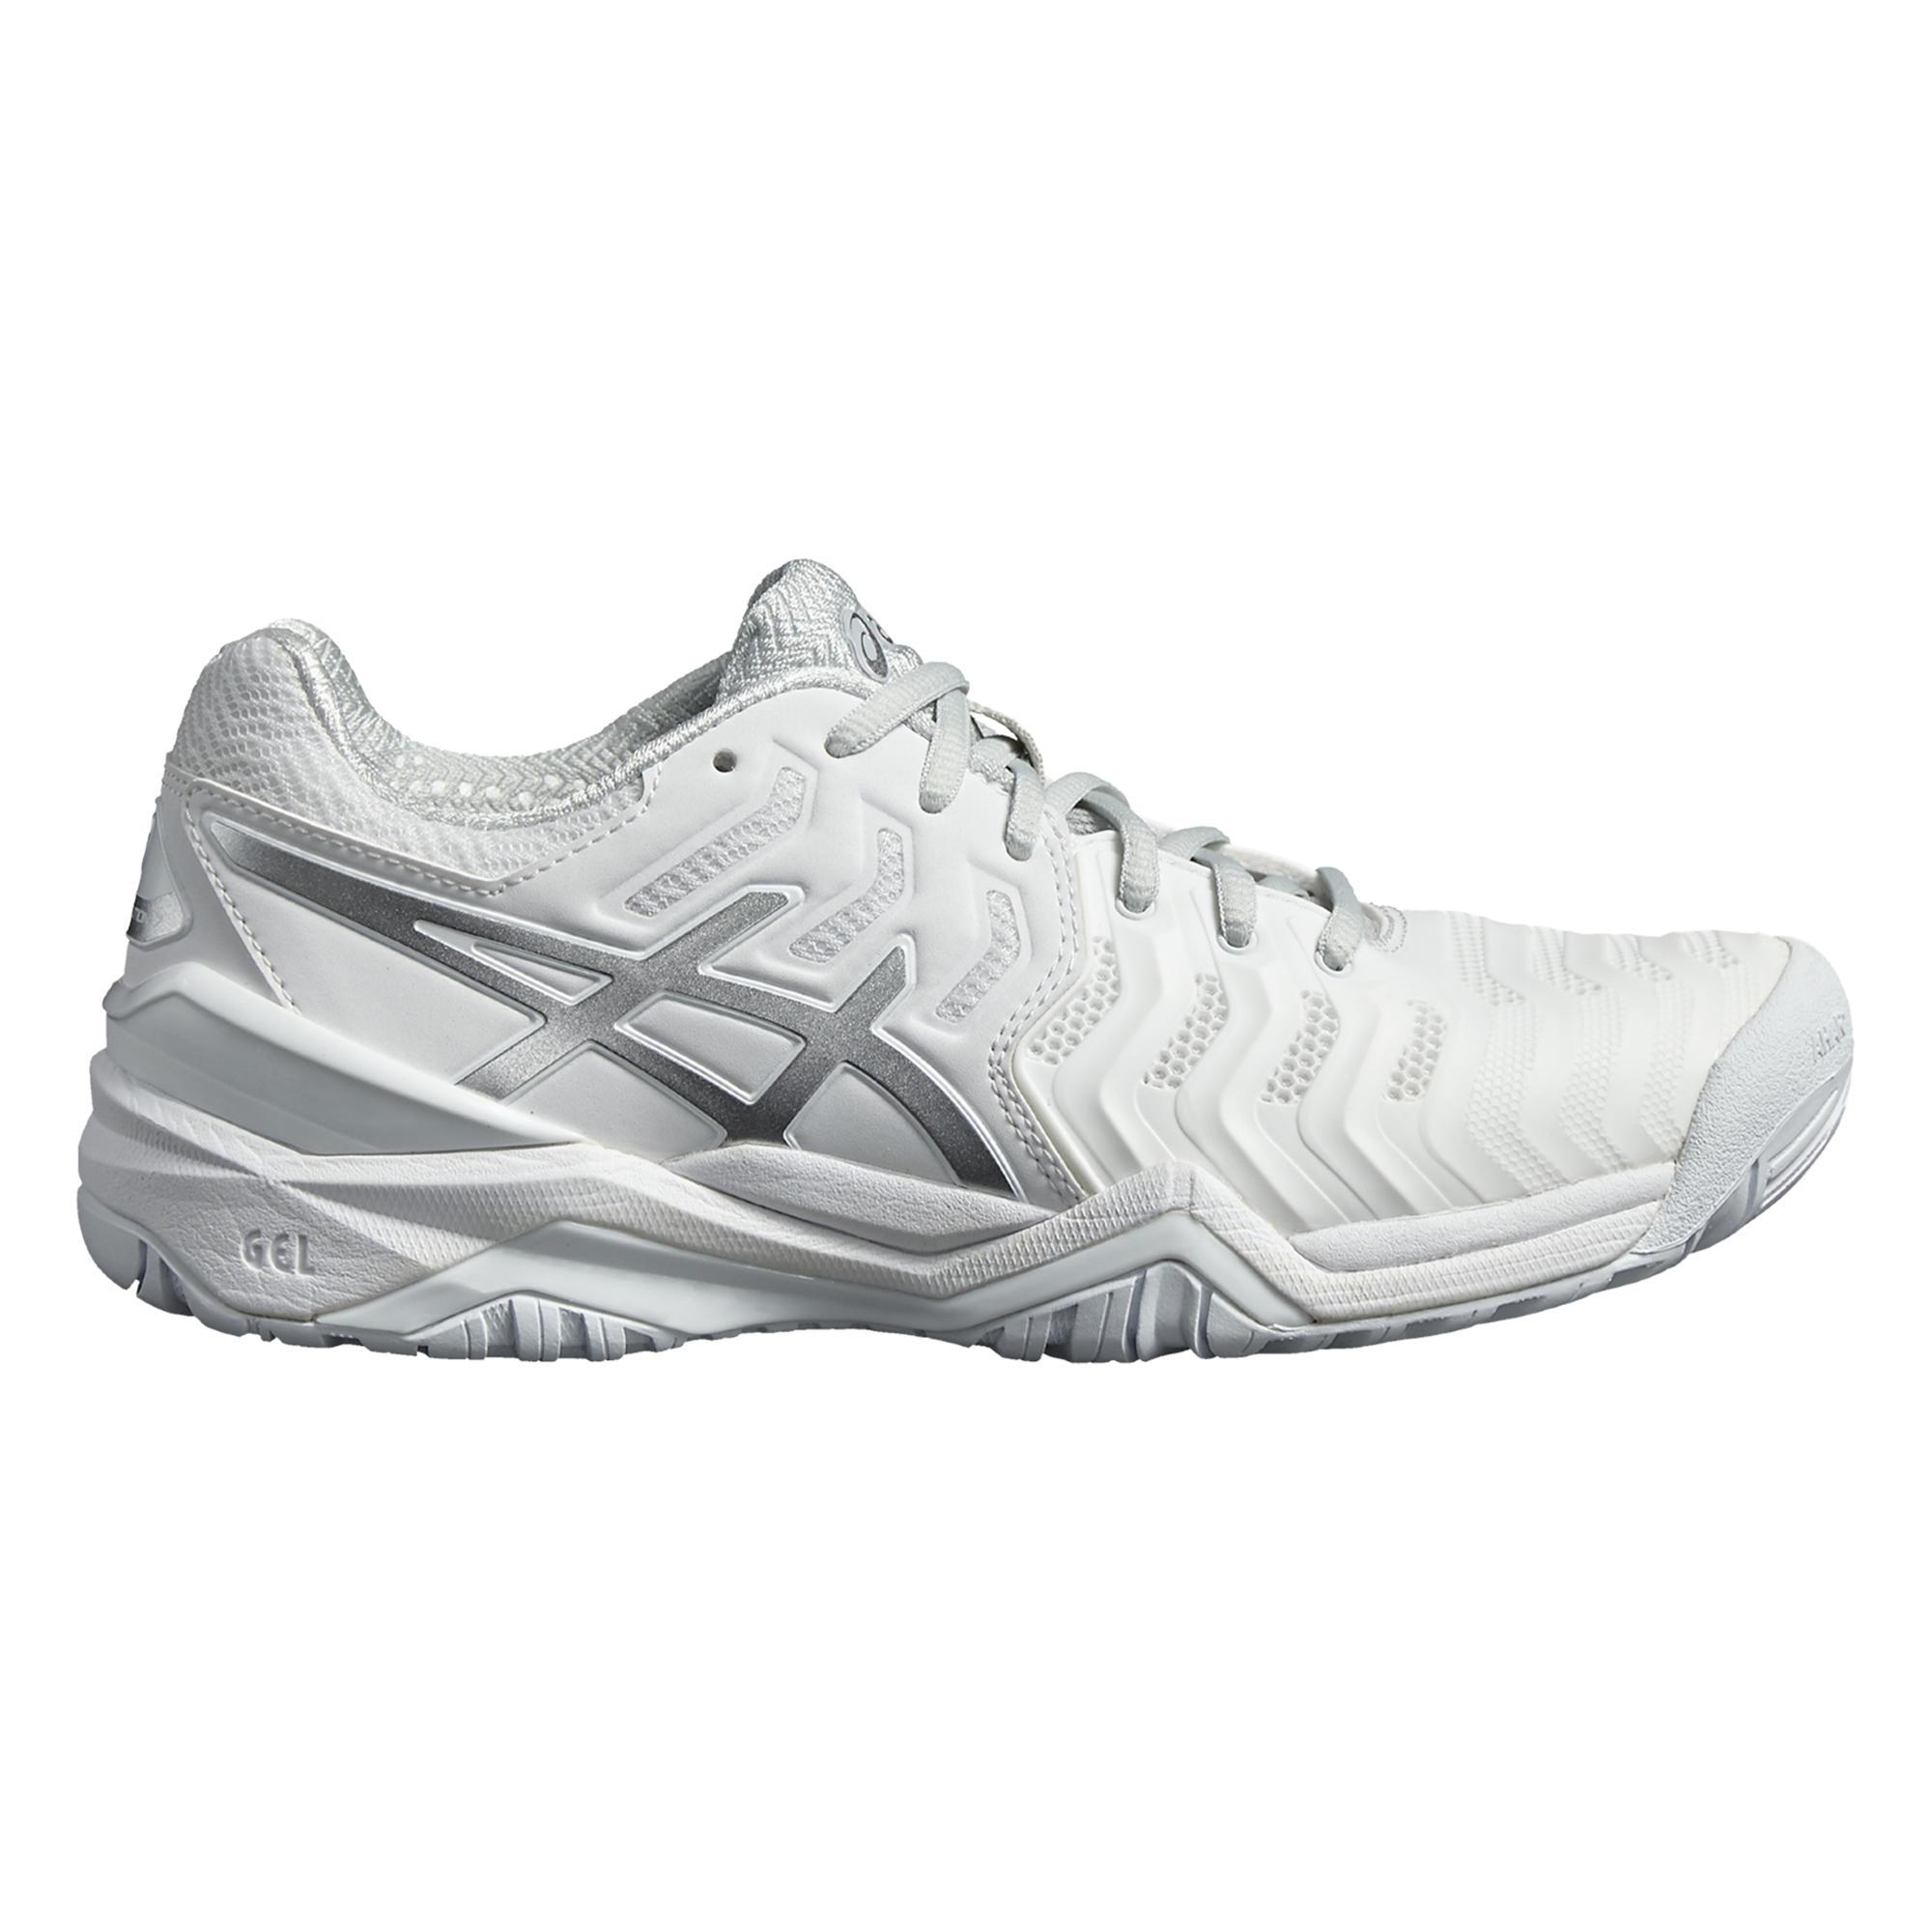 Tennisschuhe Gel Resolution Damen weiß | Schuhe > Sportschuhe > Tennisschuhe | ASICS